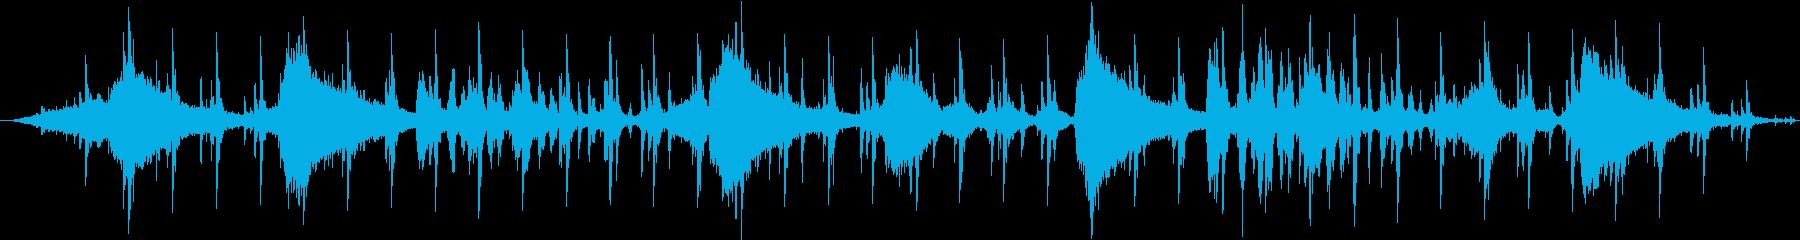 スチームリフター:ヘビースチーム式...の再生済みの波形